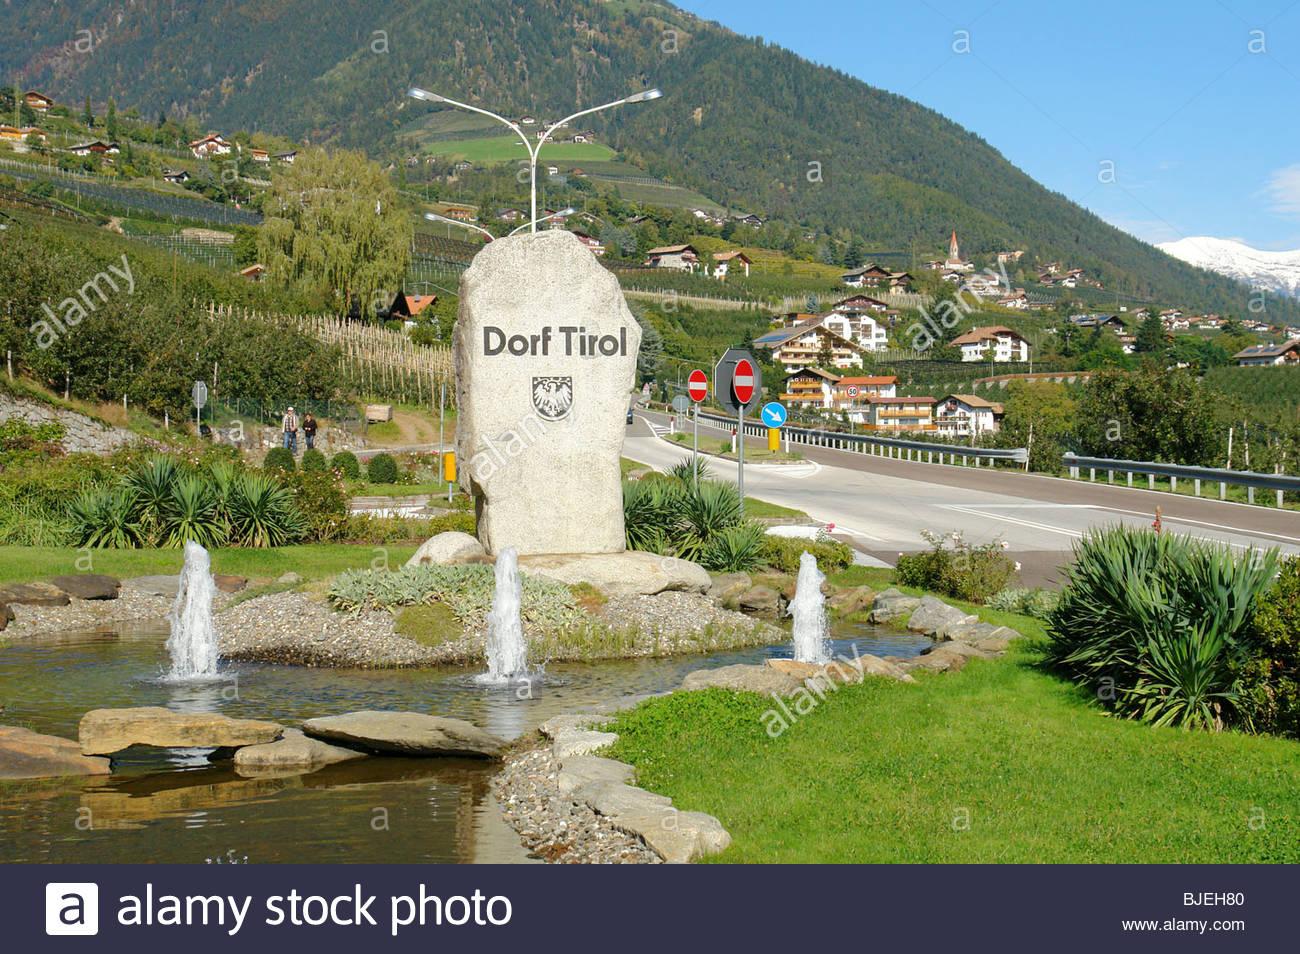 Dorf Tirol, South Tyrol, Italy - Stock Image